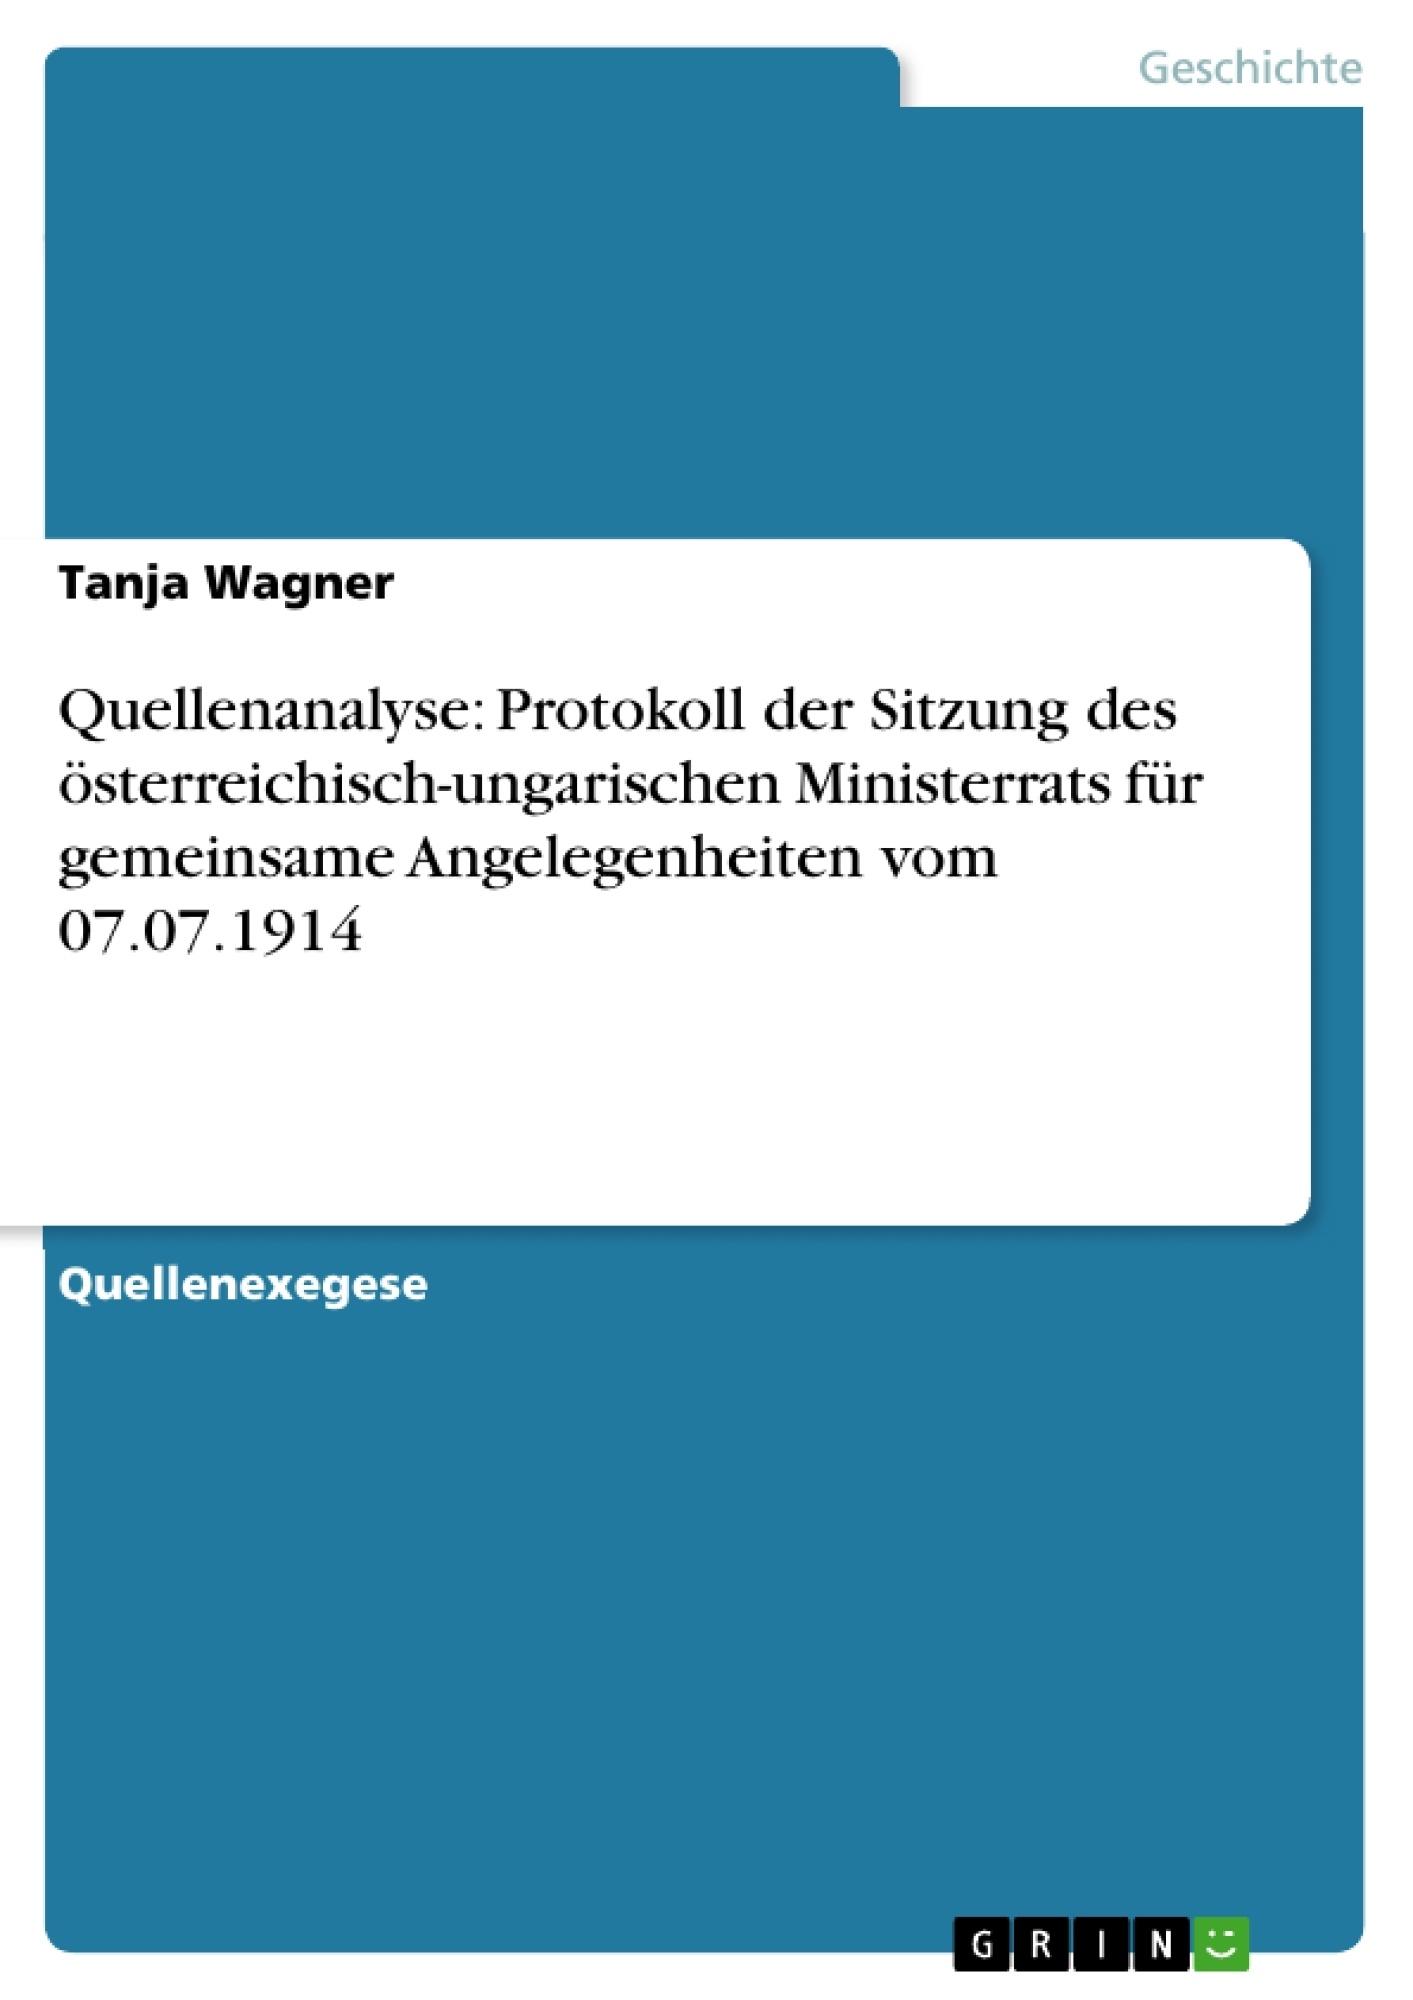 Titel: Quellenanalyse: Protokoll der Sitzung des österreichisch-ungarischen Ministerrats für gemeinsame Angelegenheiten vom 07.07.1914